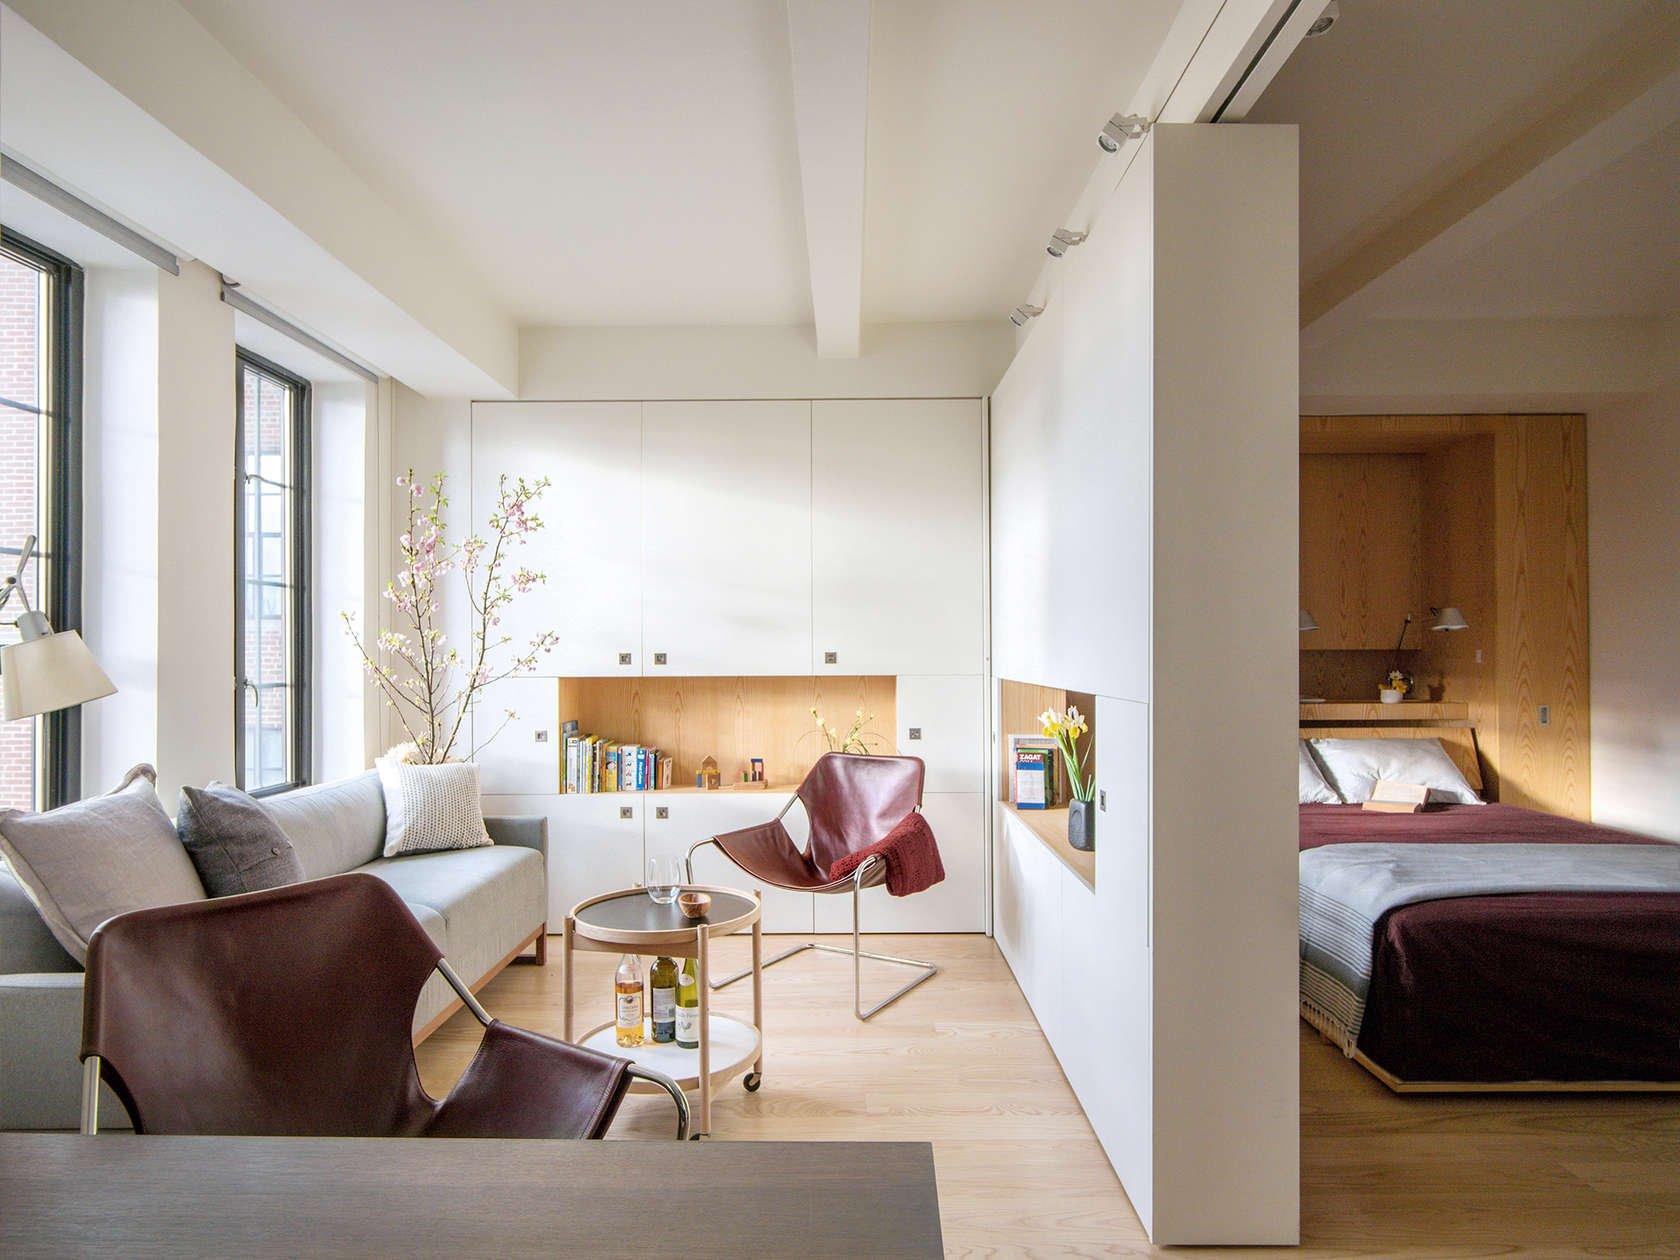 Перегородка между гостиной и спальней